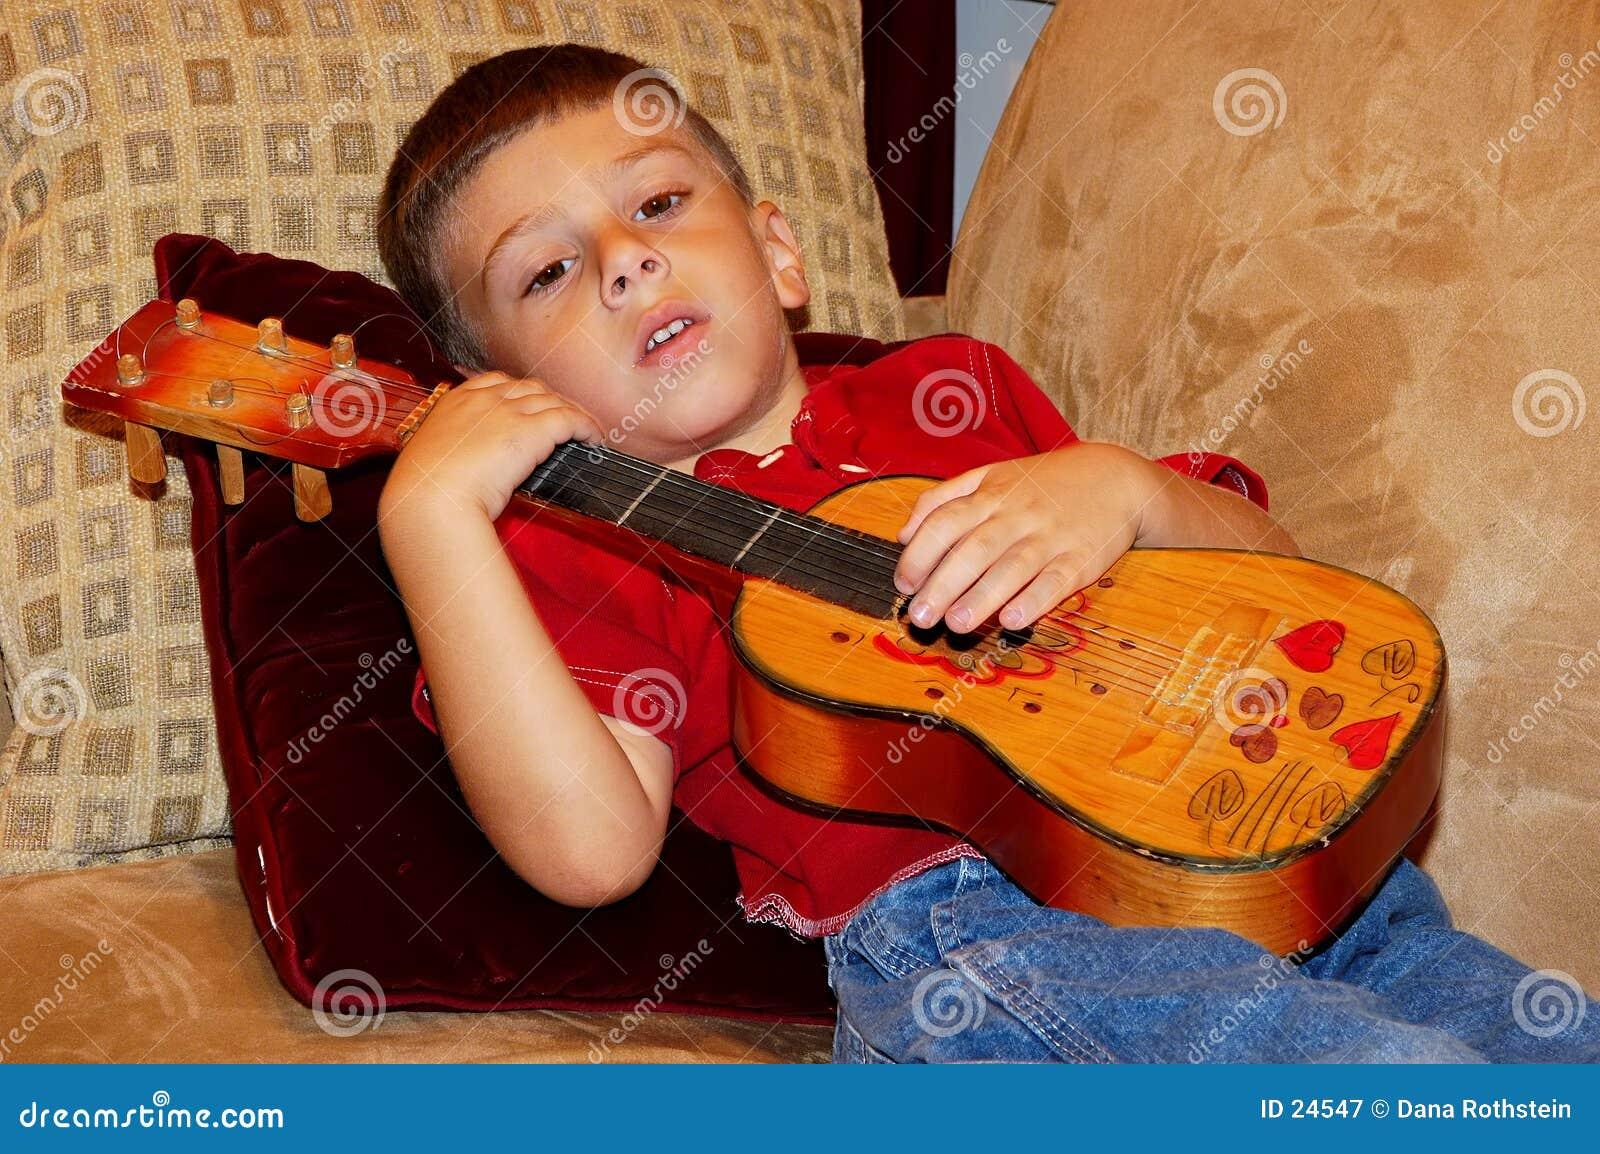 Child Playing a Ukulele